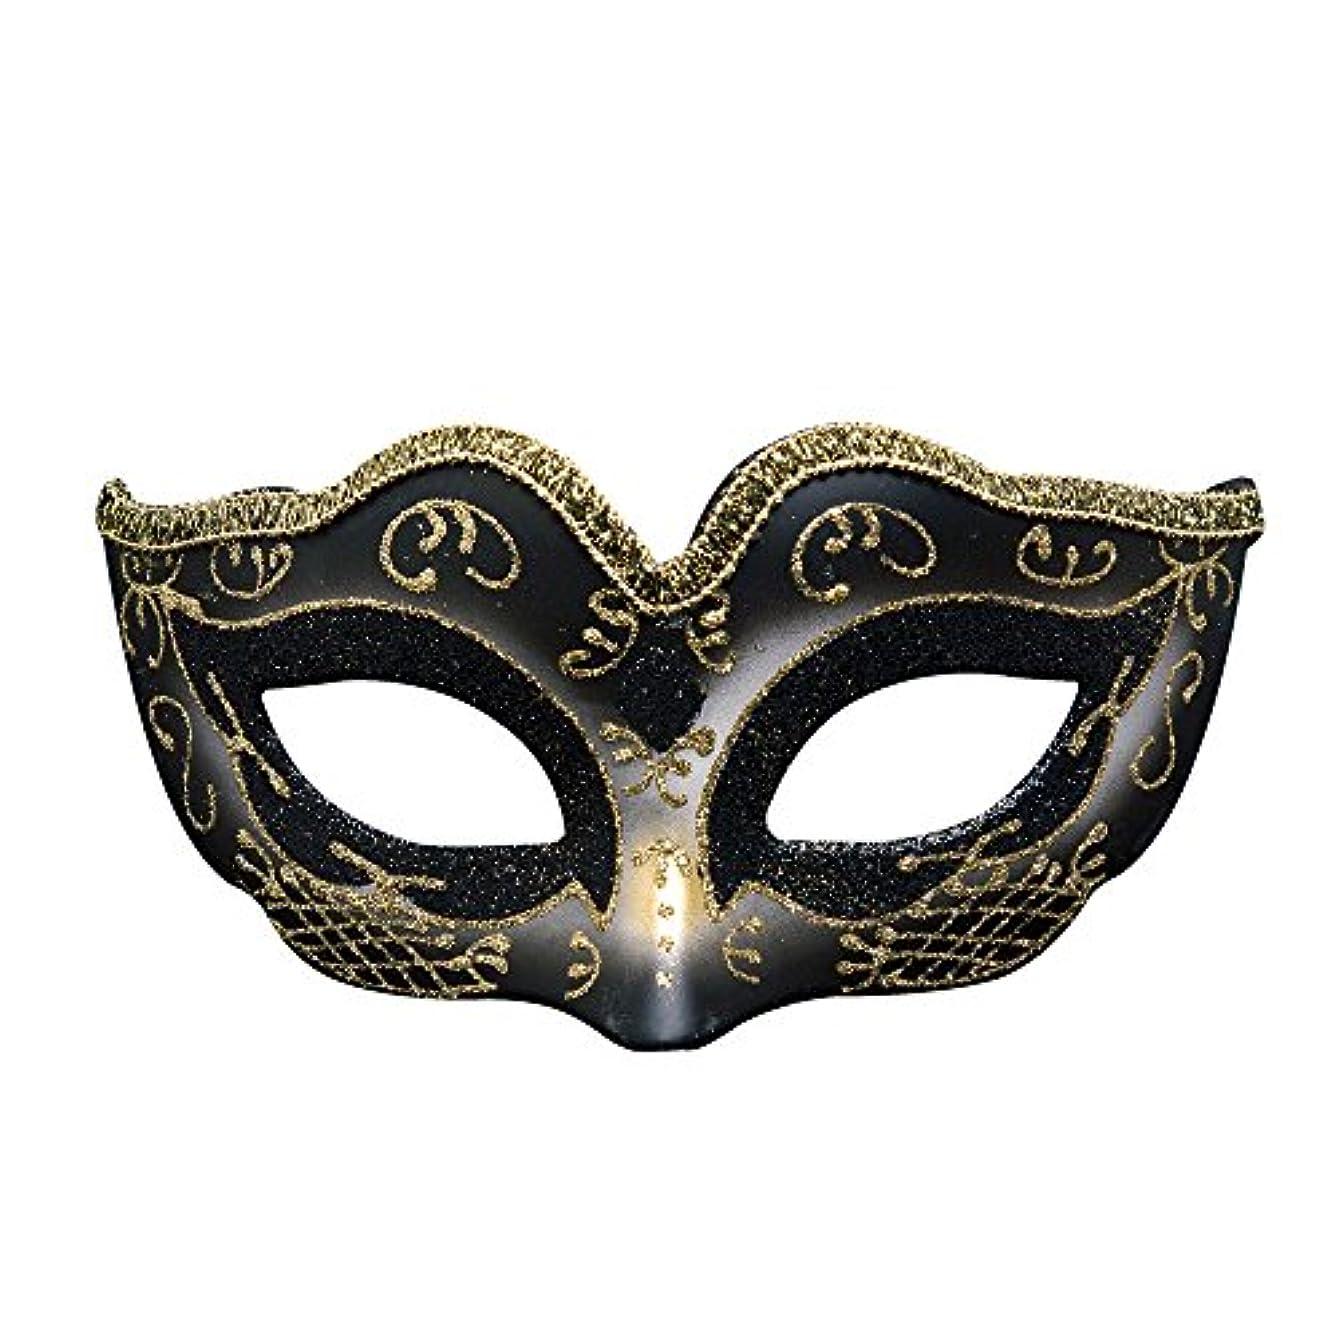 タンク無駄慣れているクリエイティブキッズマスカレードパーティーハロウィンマスククリスマス雰囲気マスク (Color : #5)